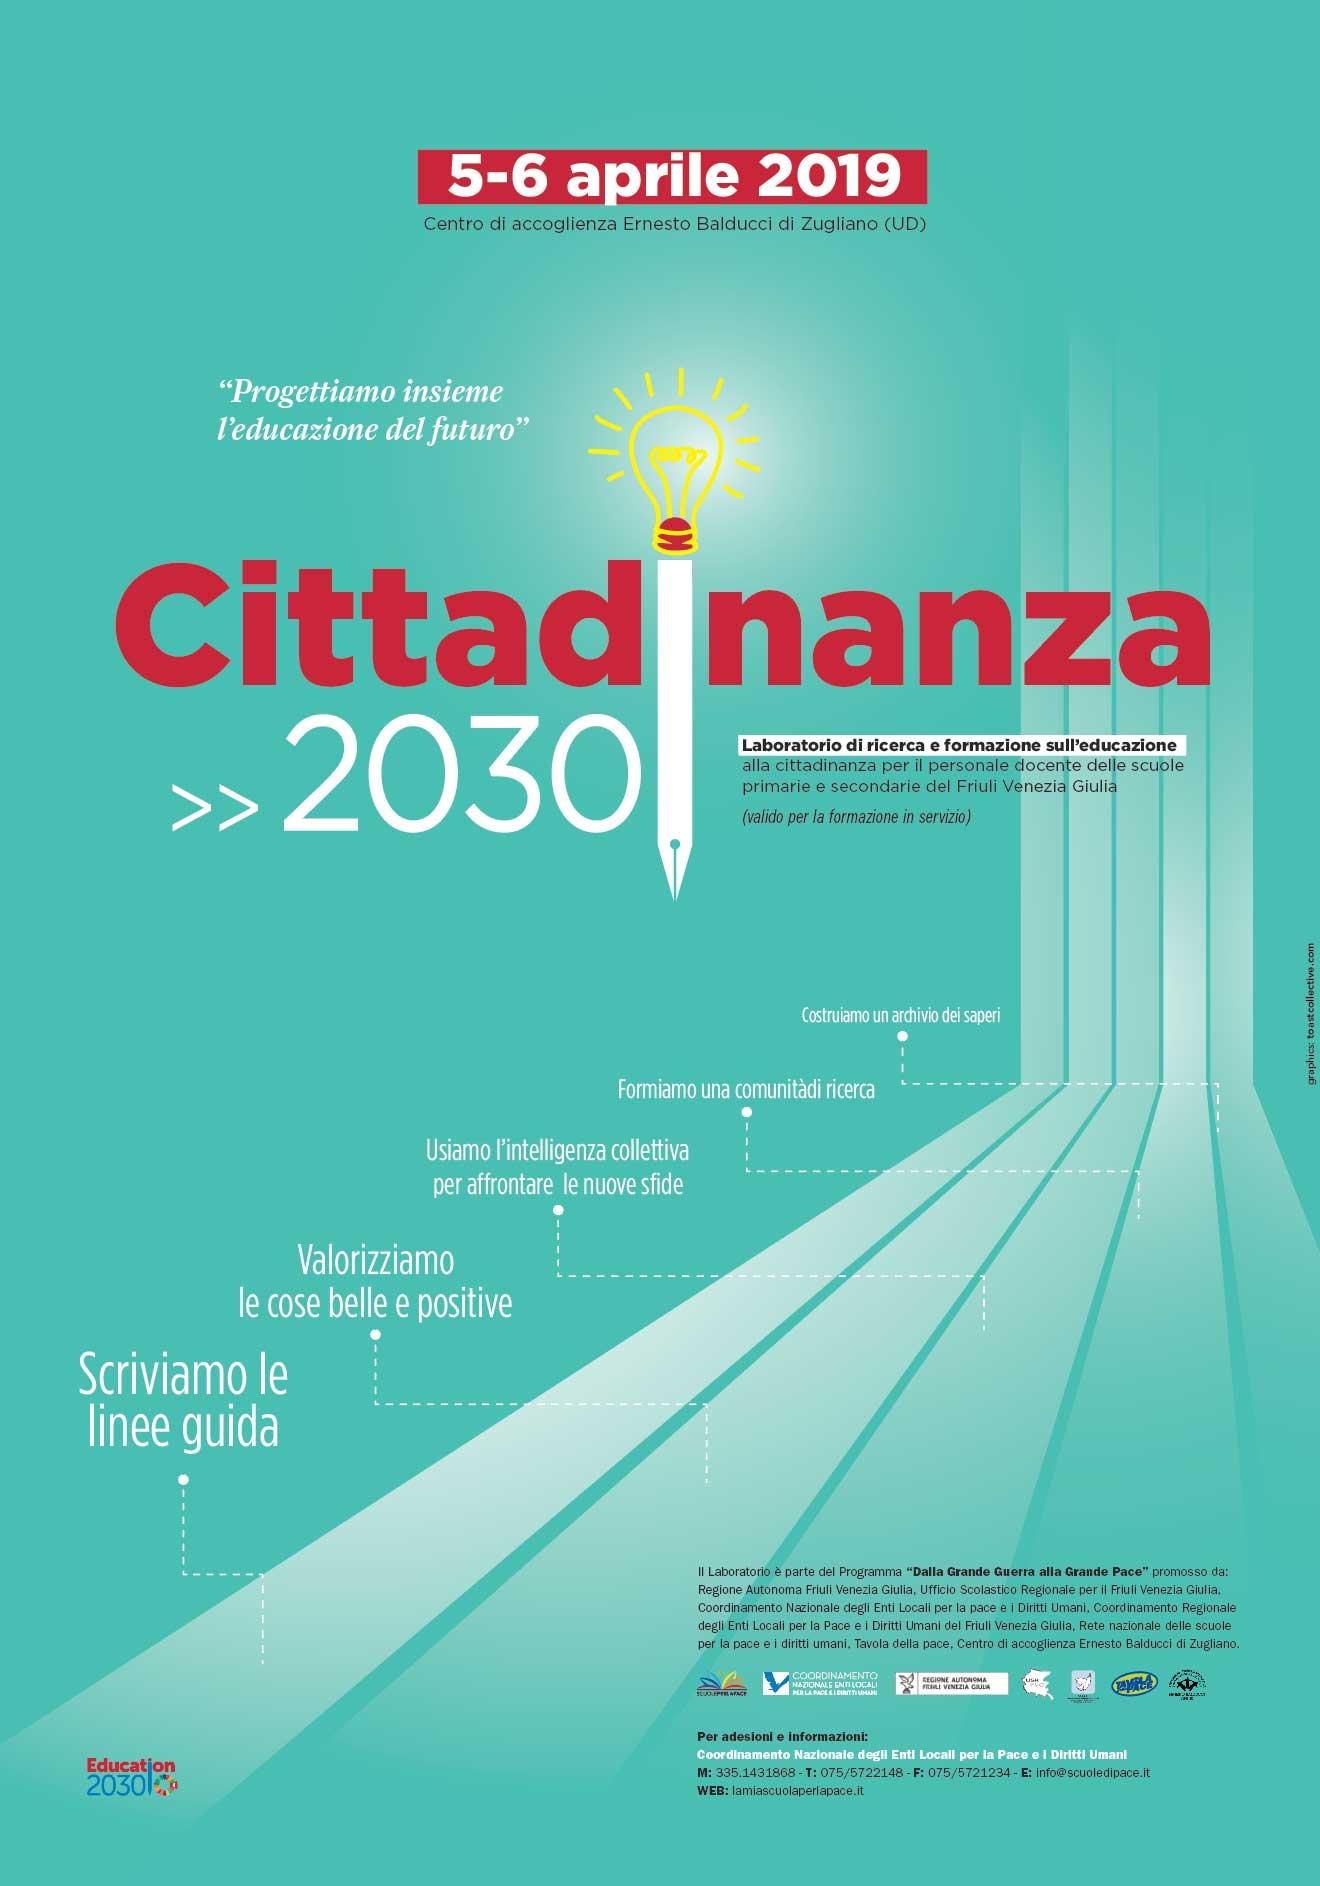 Manifesto-Cittadinanza-2030